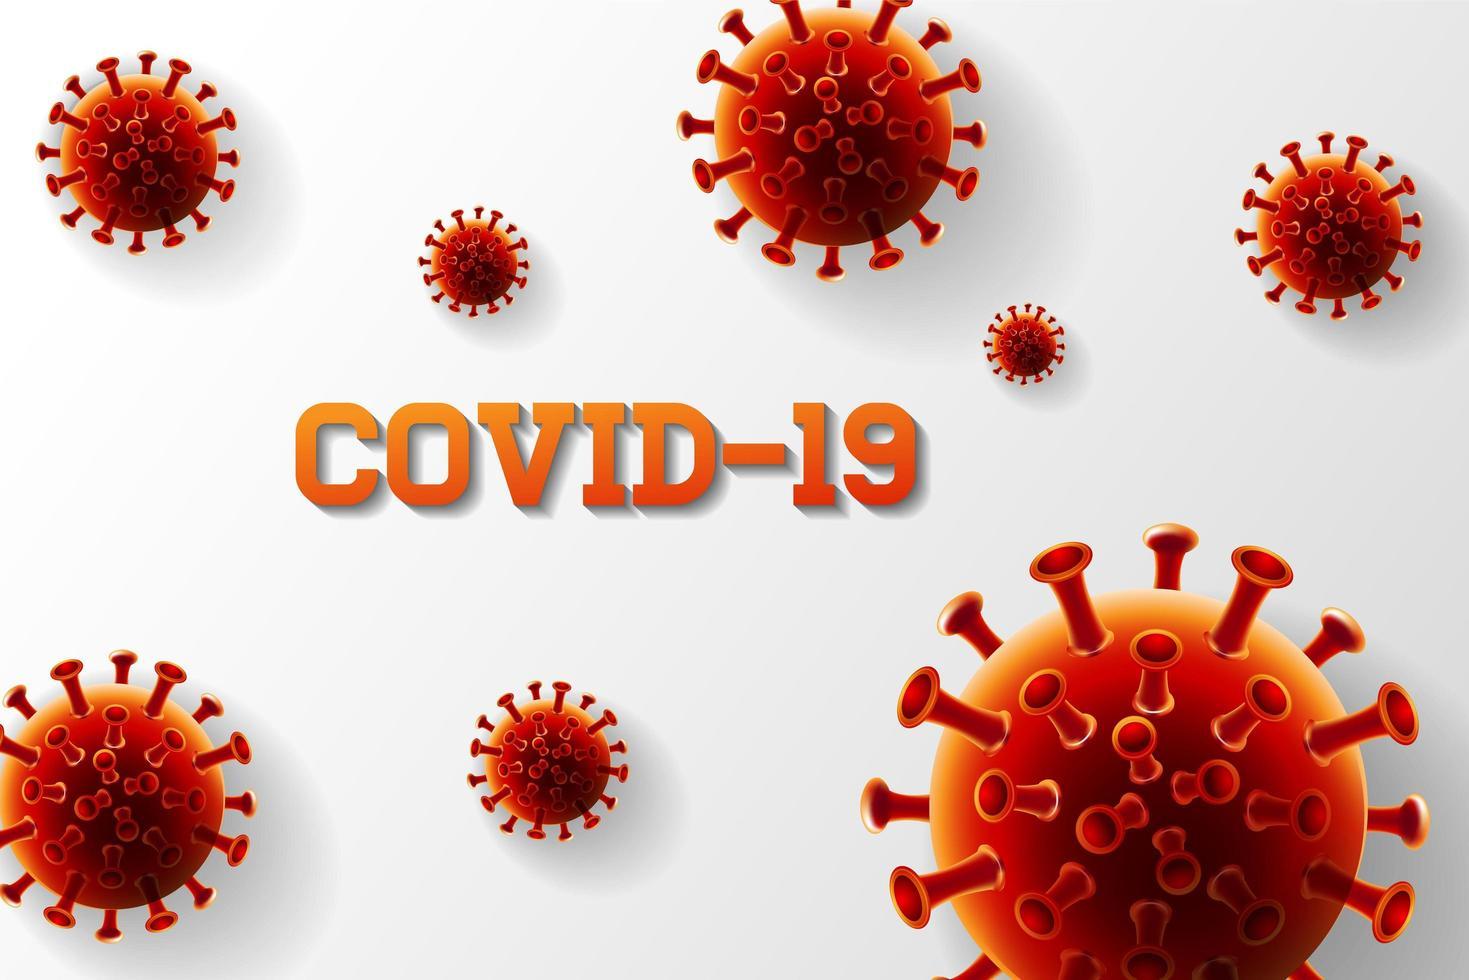 Κοροναϊός: Πόσες μέρες χρειάζεται για να «καθαρίσει» από το σώμα του ασθενούς ο ιός